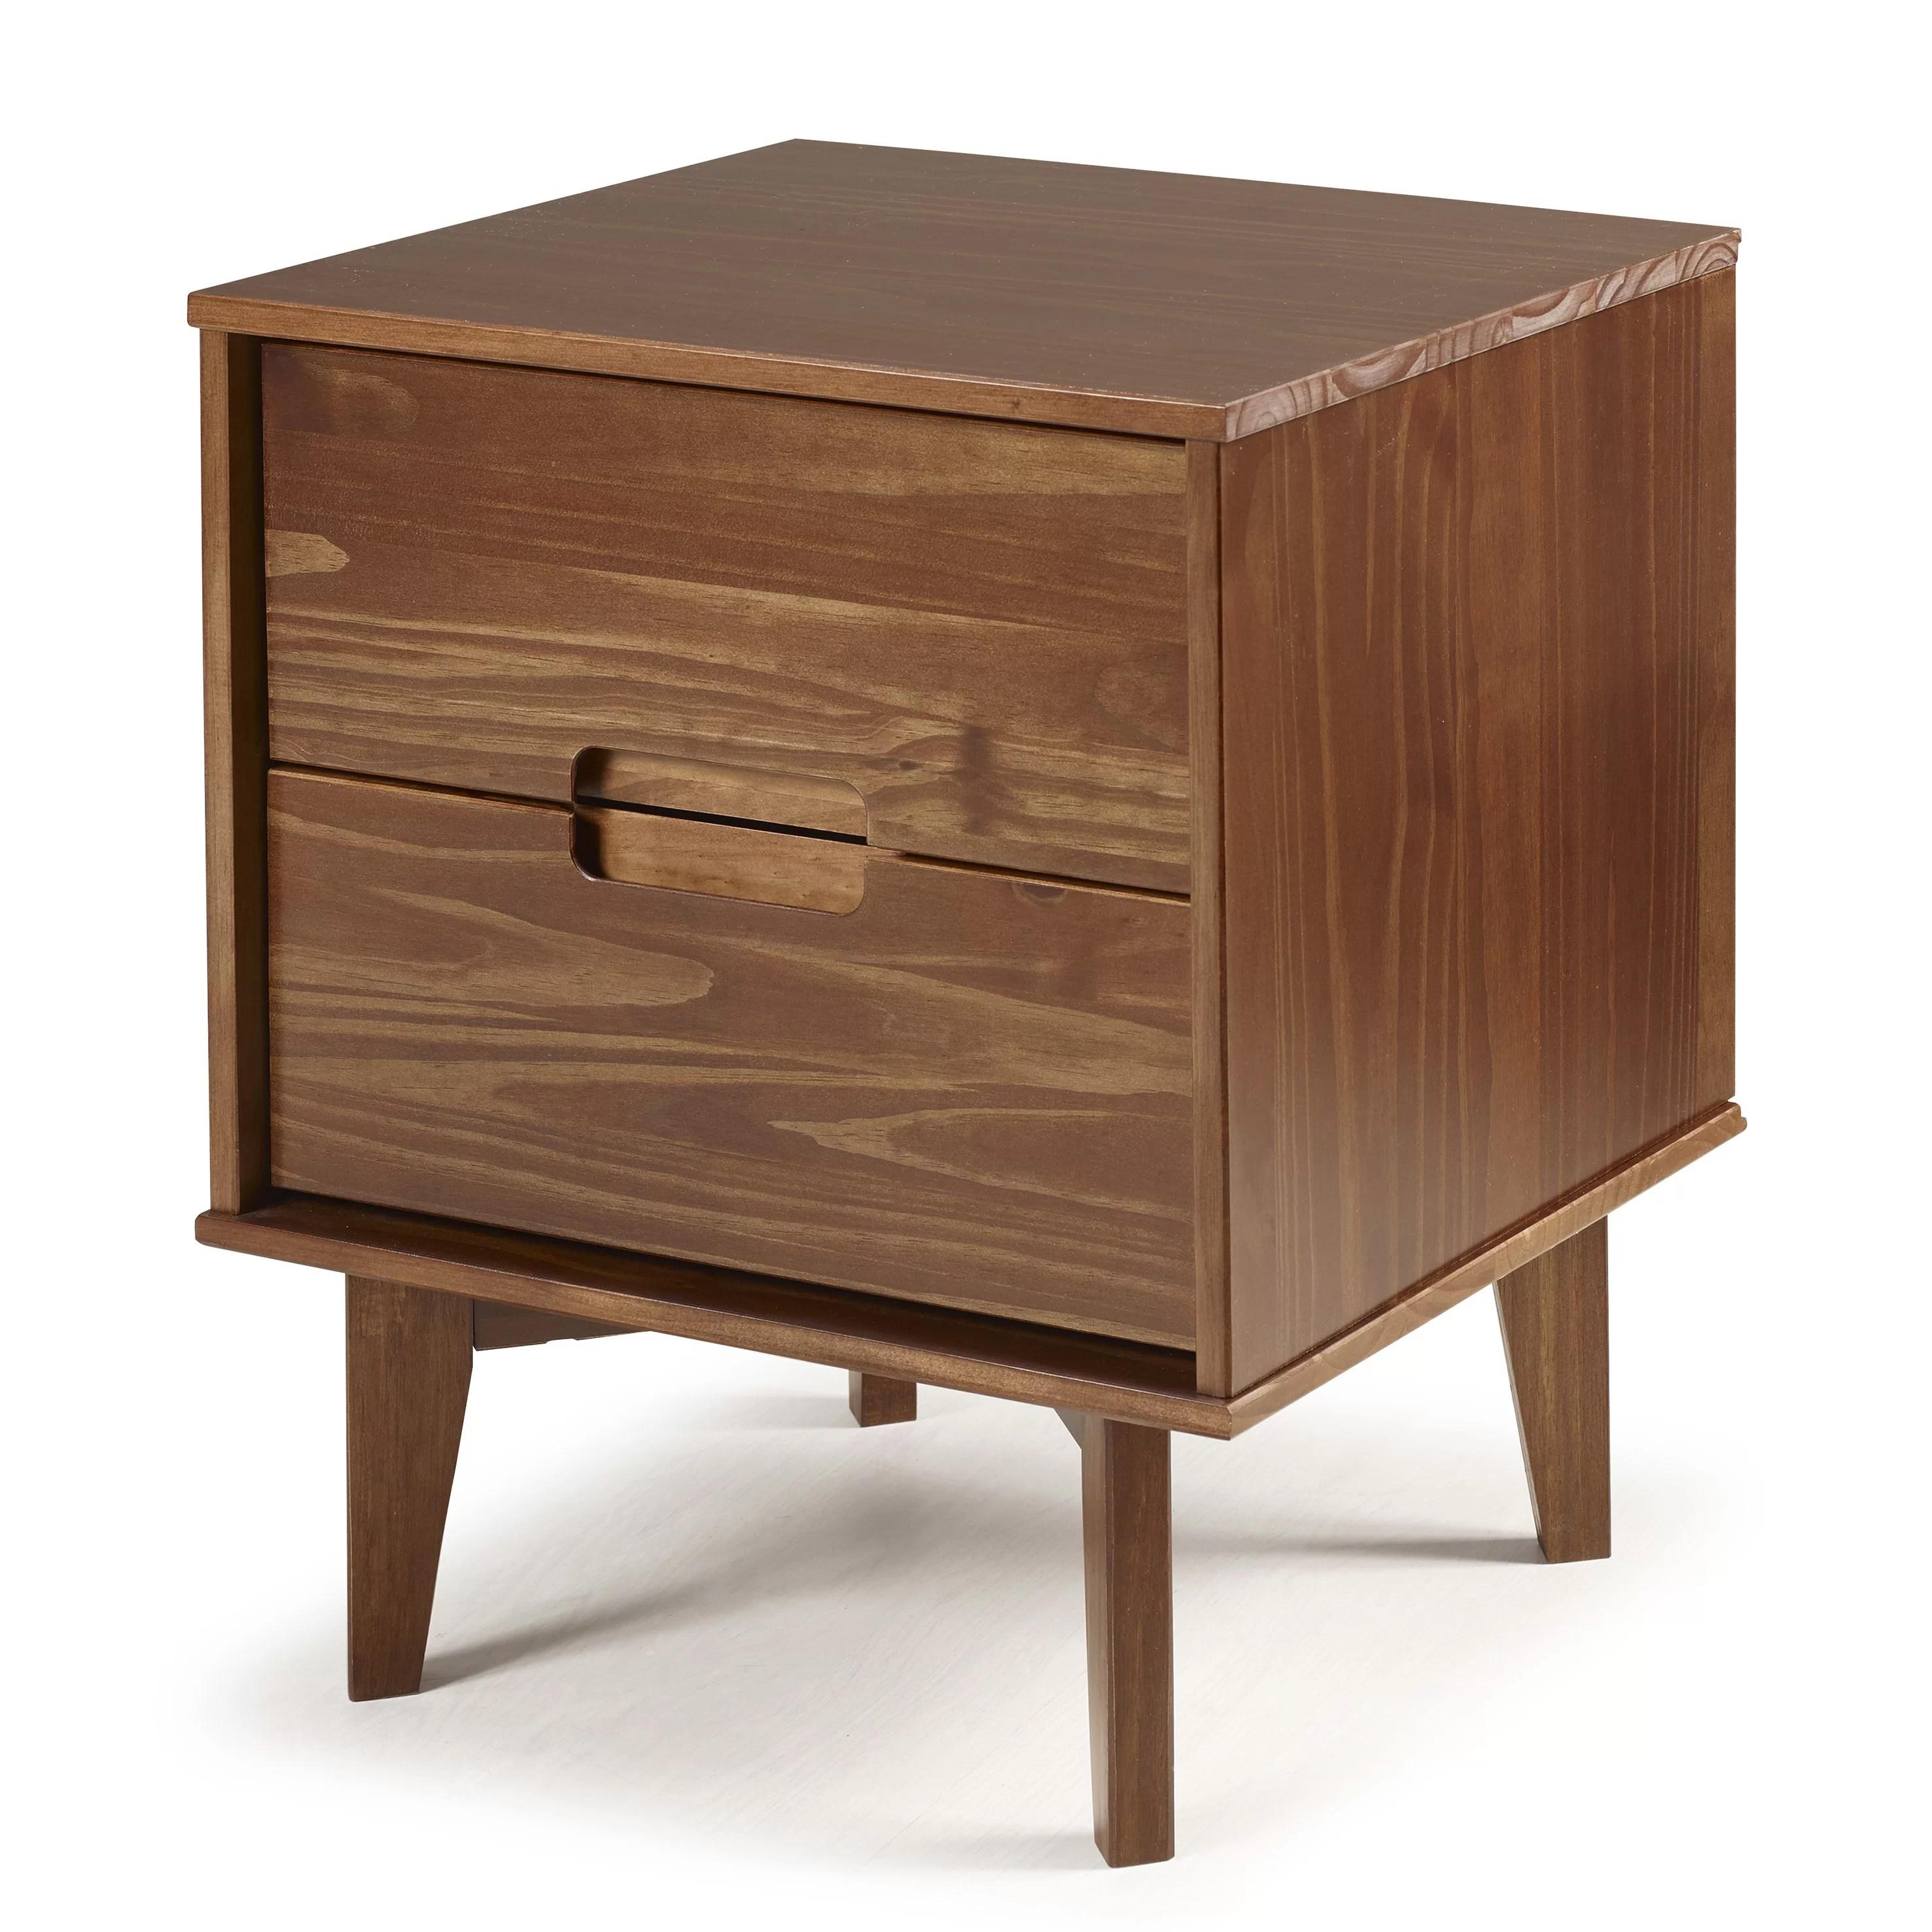 Gartner Groove Handle Wood 2 Drawer Nightstand